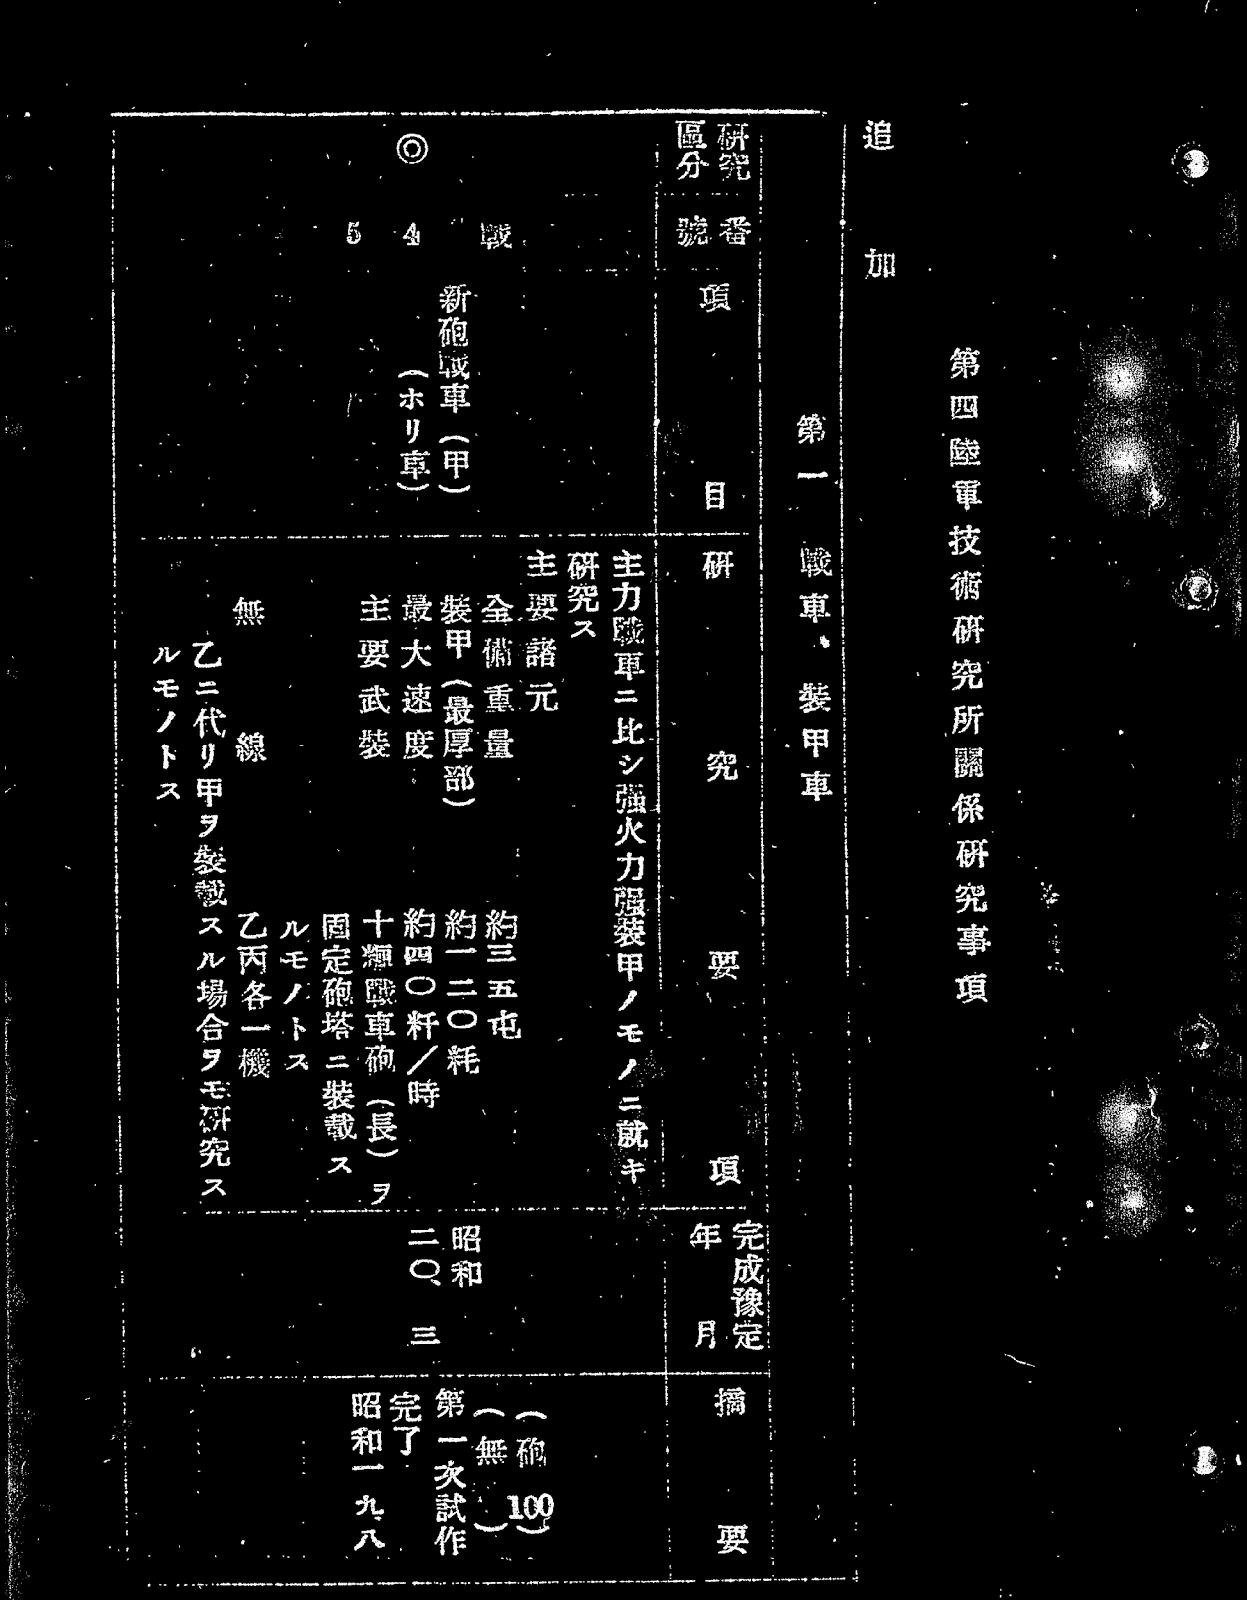 Характеристики прототипа: Исх. №: C13120839500. Национальный институт исследований в области обороны, Министерство обороны, Военное управление артиллерийского снабжения, 4-й Технический исследовательский институт, характеристики прототипа «Хо-Ри»